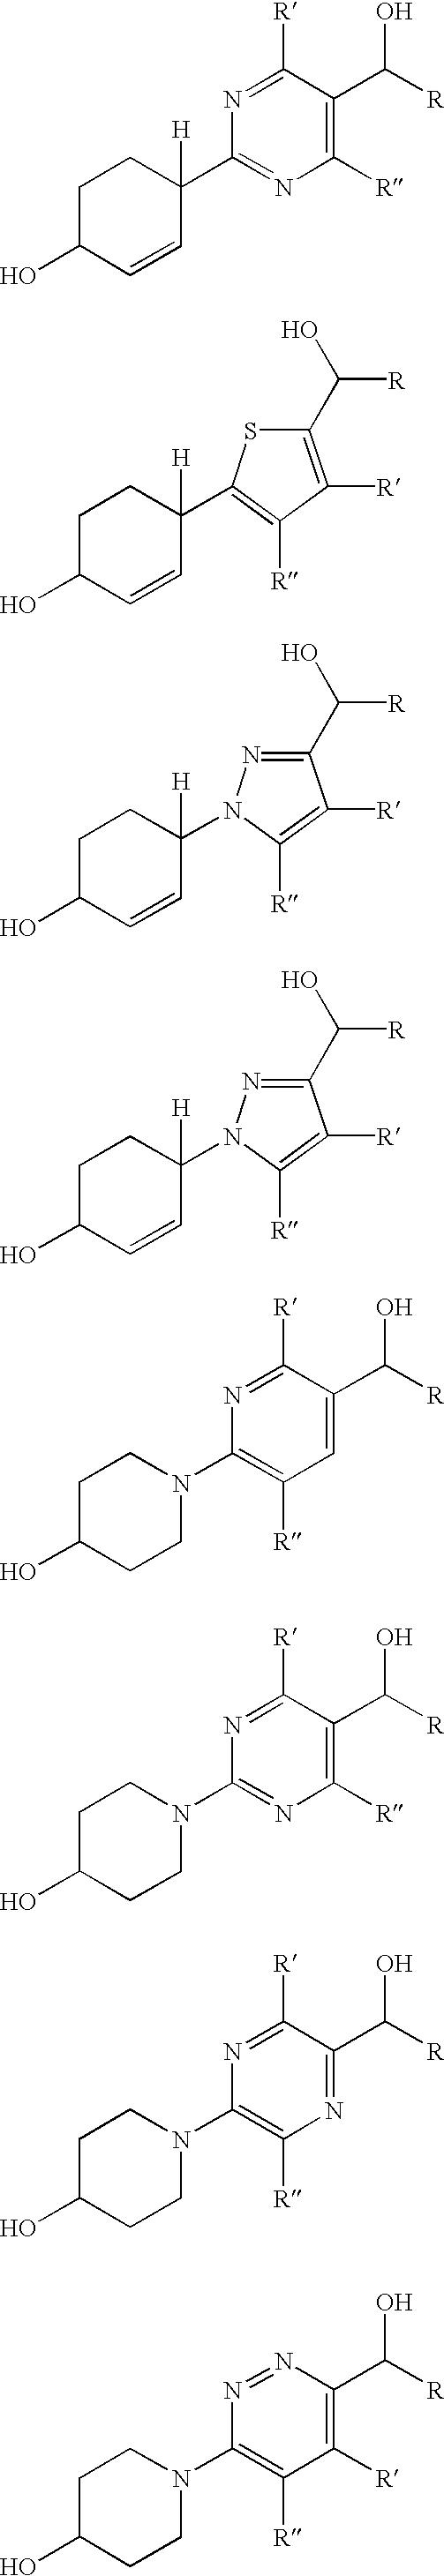 Figure US20030119800A1-20030626-C00002